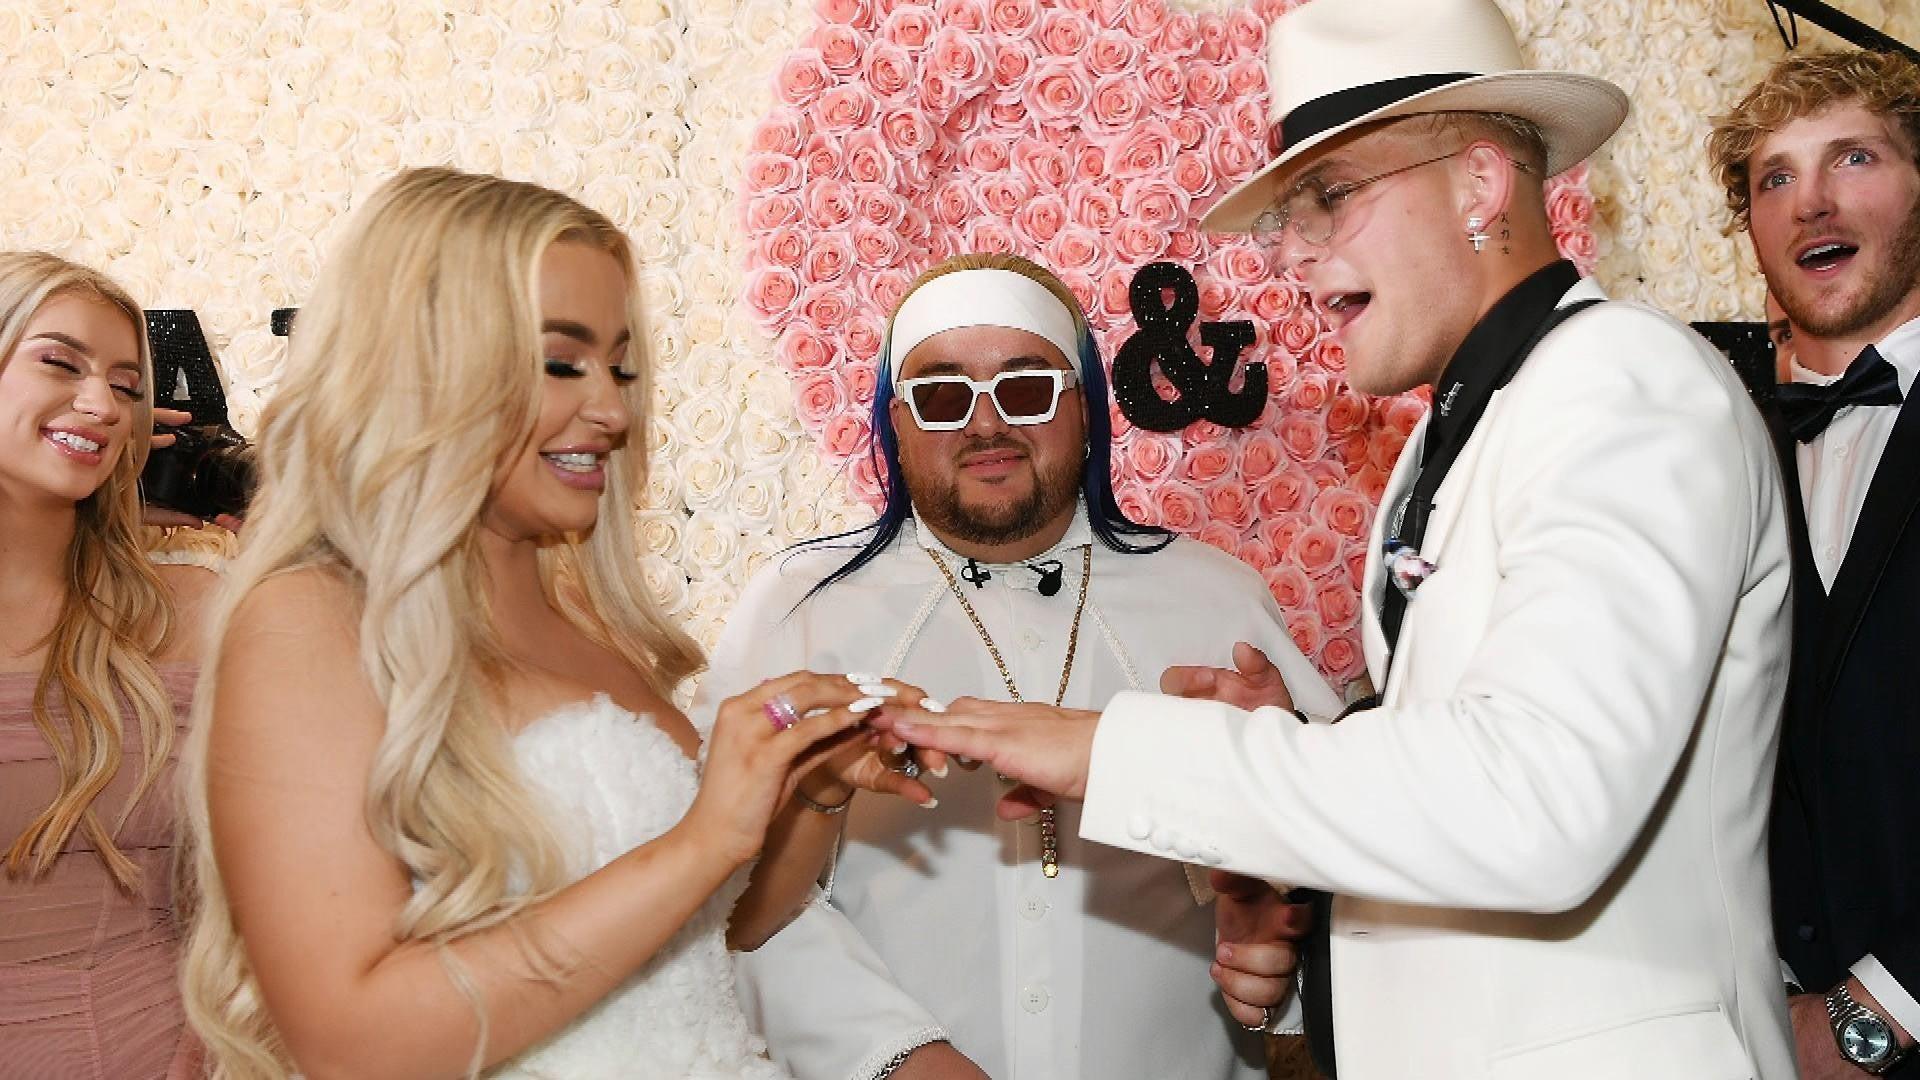 Nikkietutorials Boyfriend >> Youtuber Nikkietutorials Gets Engaged While On Vacation In